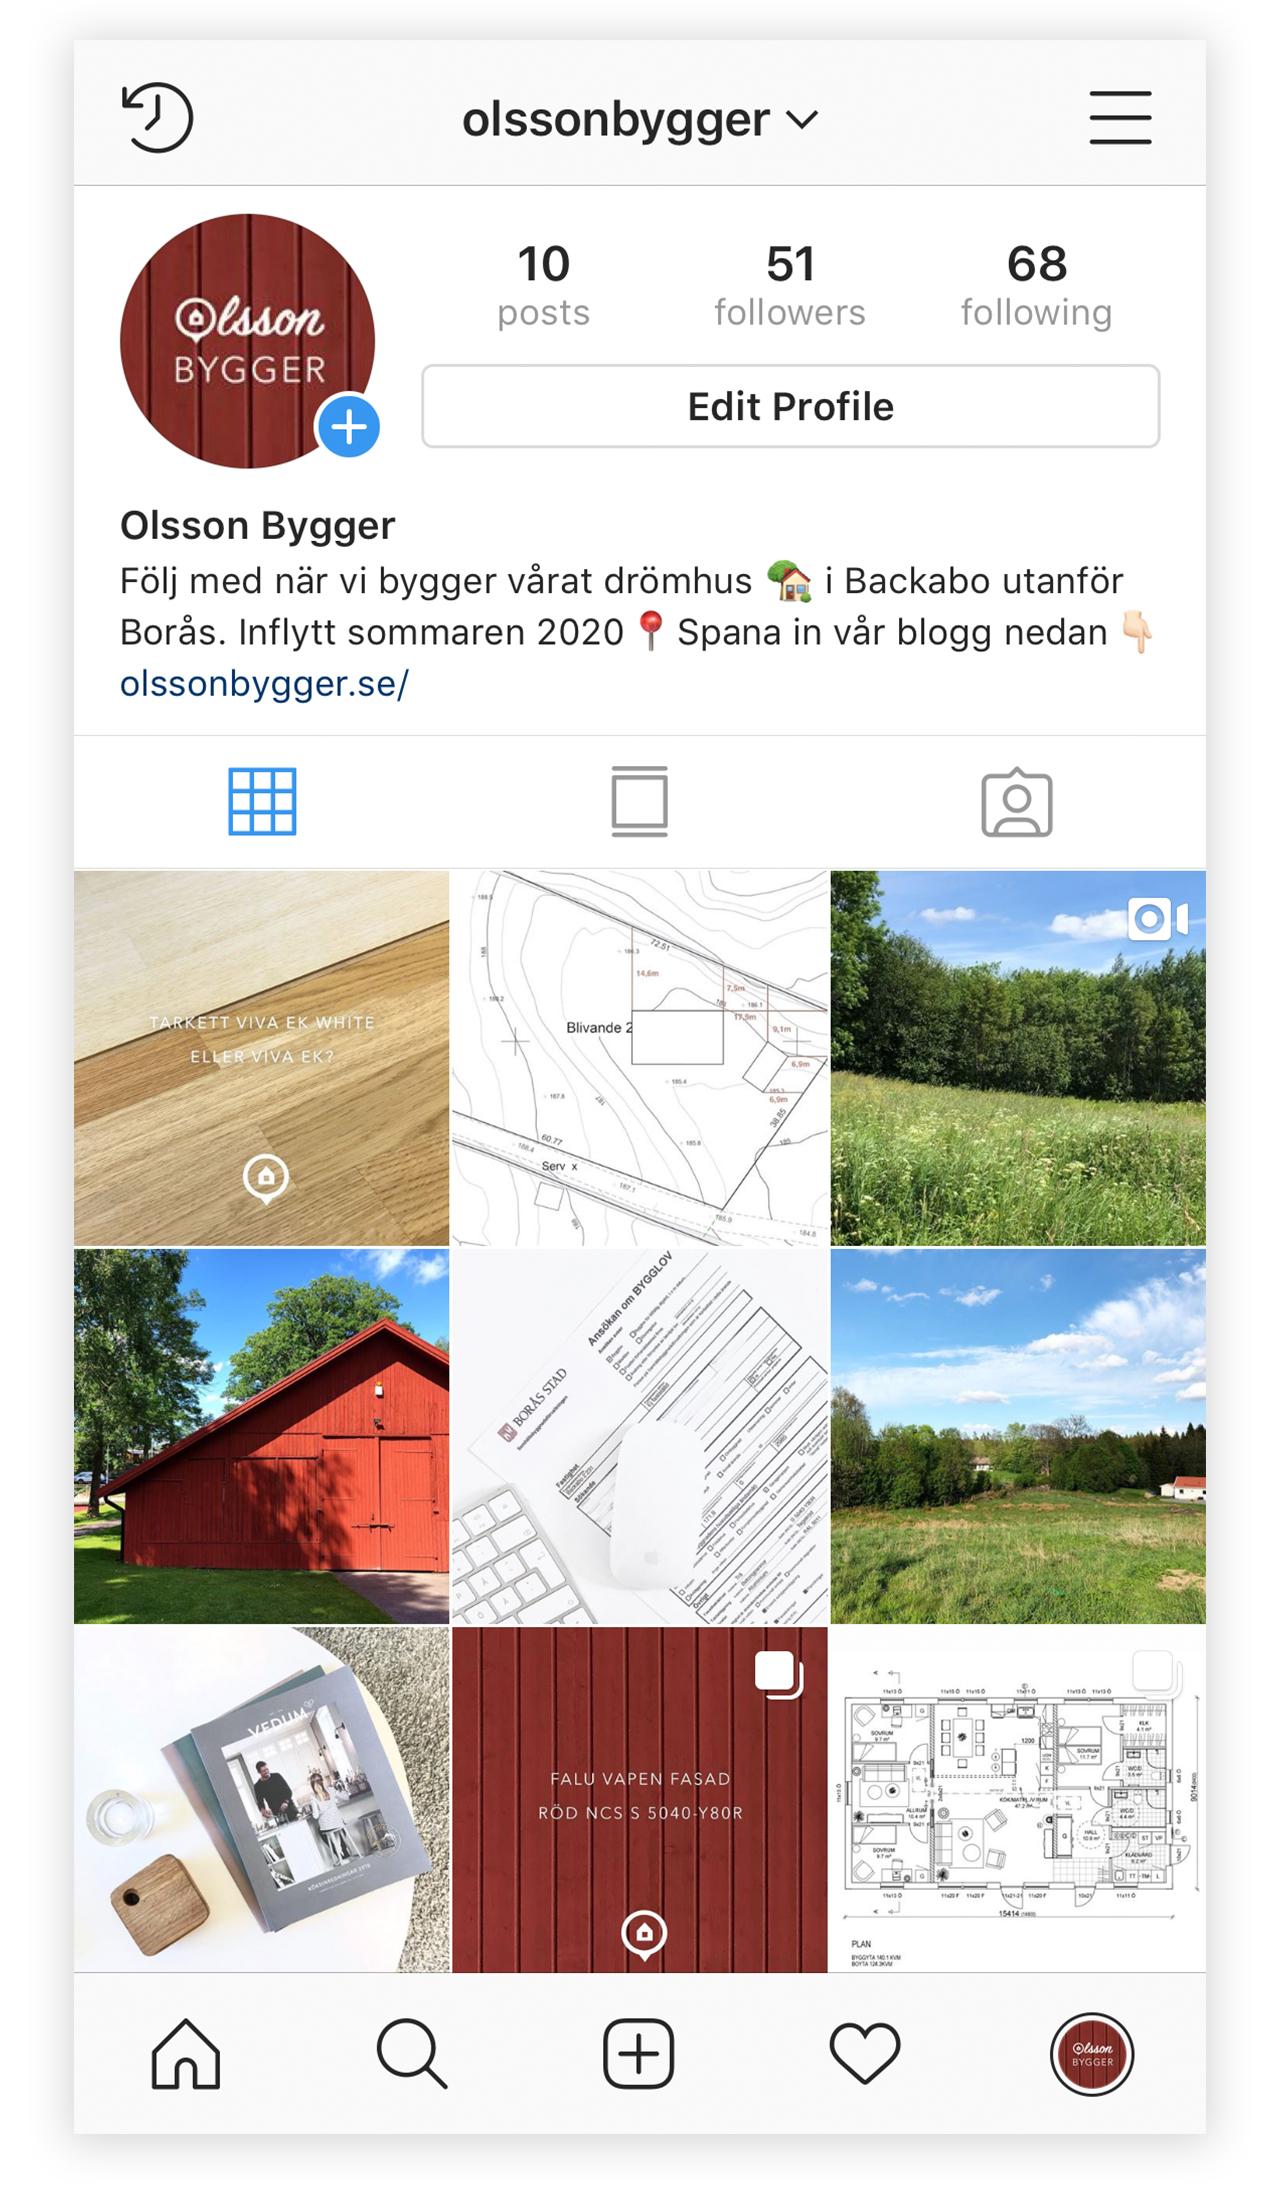 hanna-olsson-olssonbygger-instagram-konto.jpg